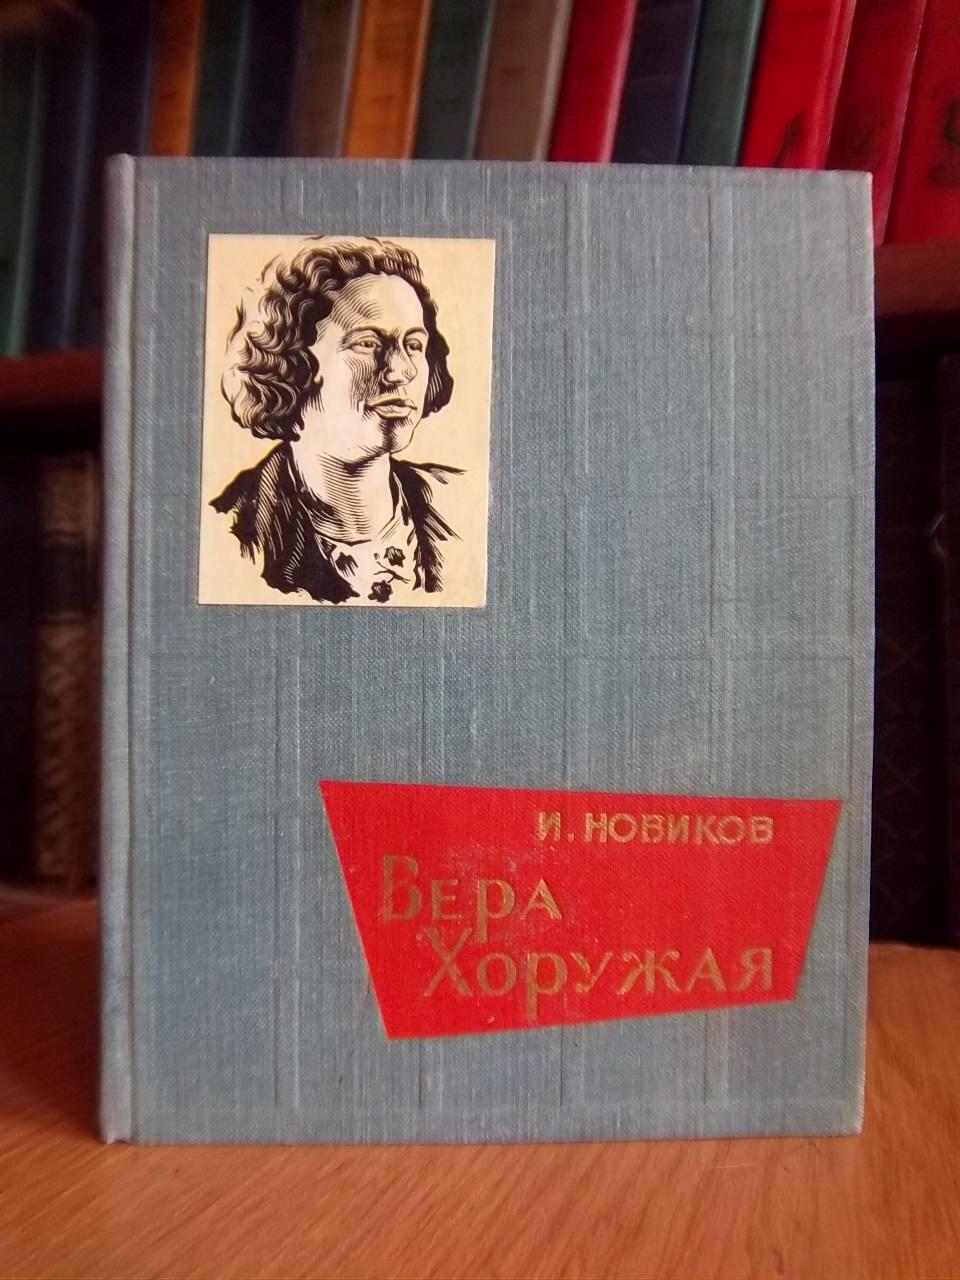 Вера Хоружая (Очерк о жизни и деятельности пламенной коммунистки)